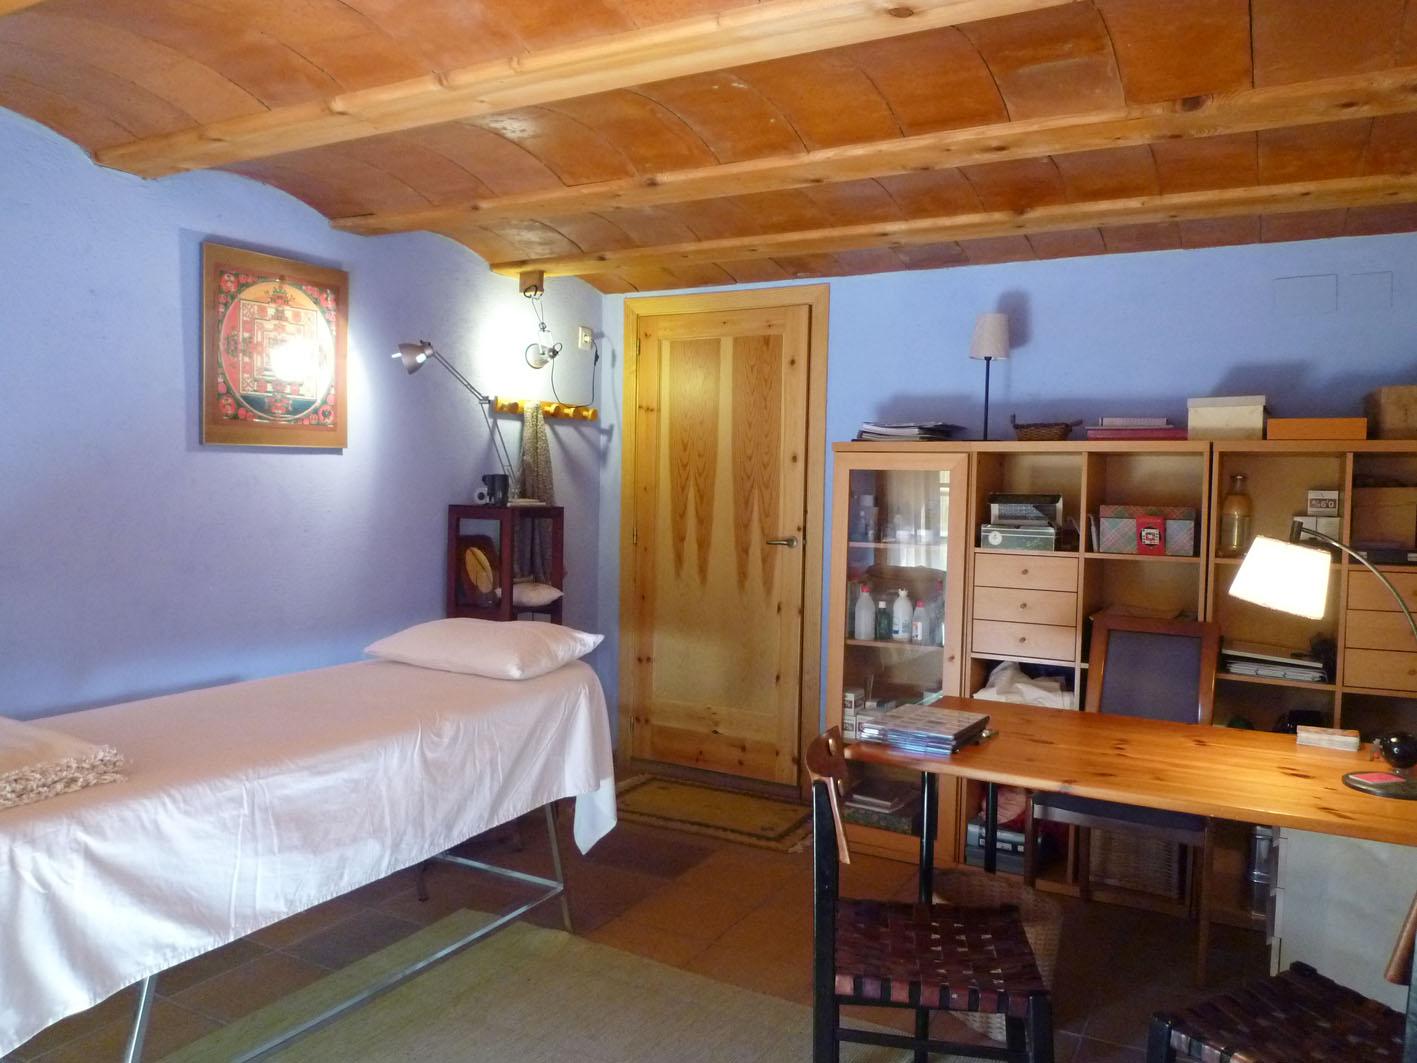 Interiores24 dise o de interiores salas - Decoracion reiki ...